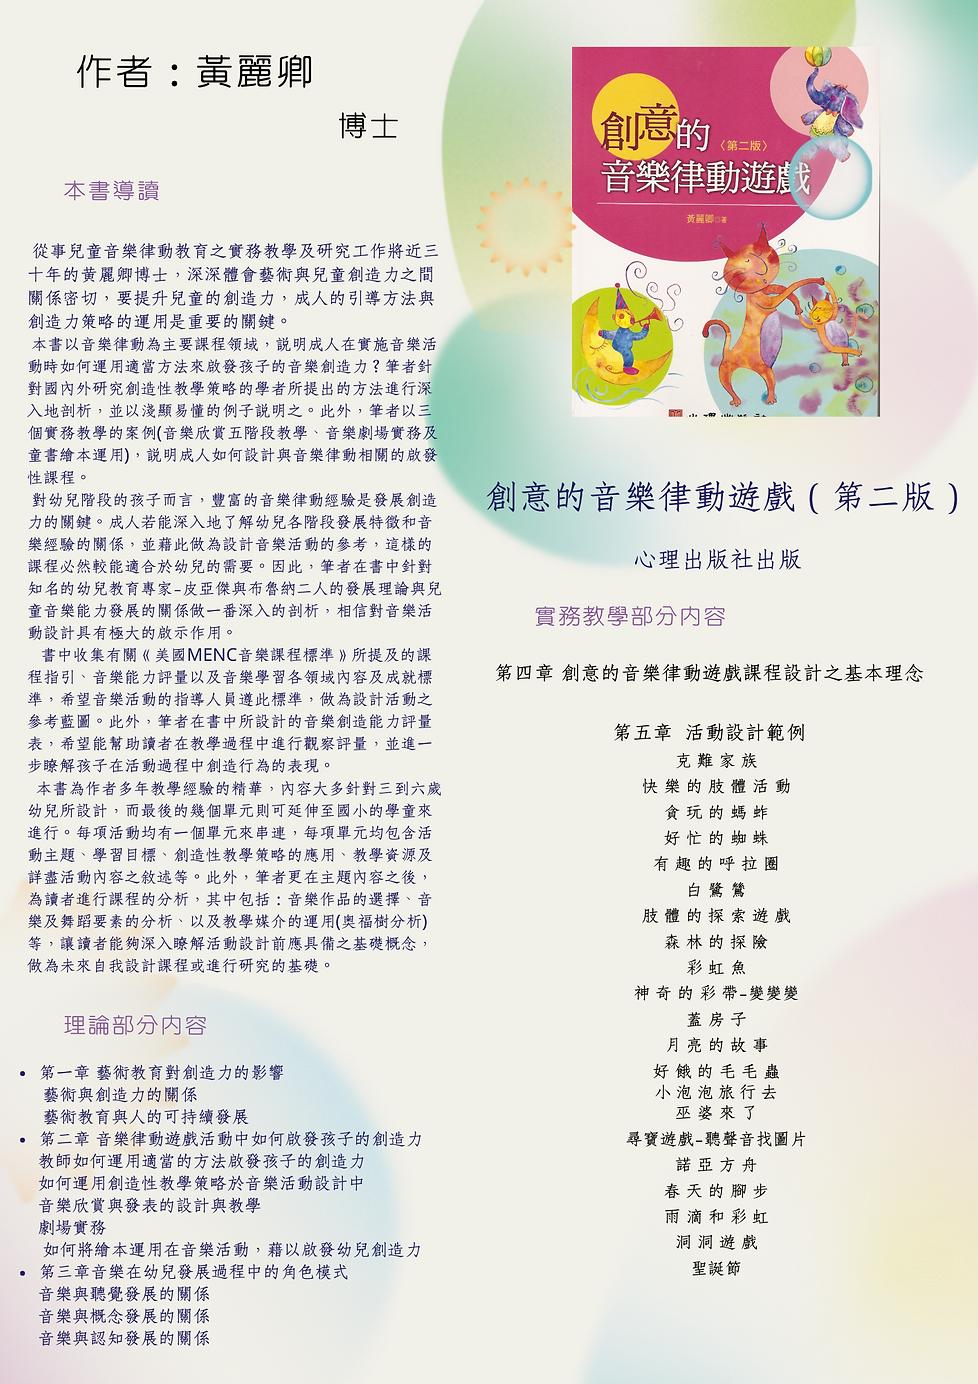 黃麗卿的履歷p.2.png